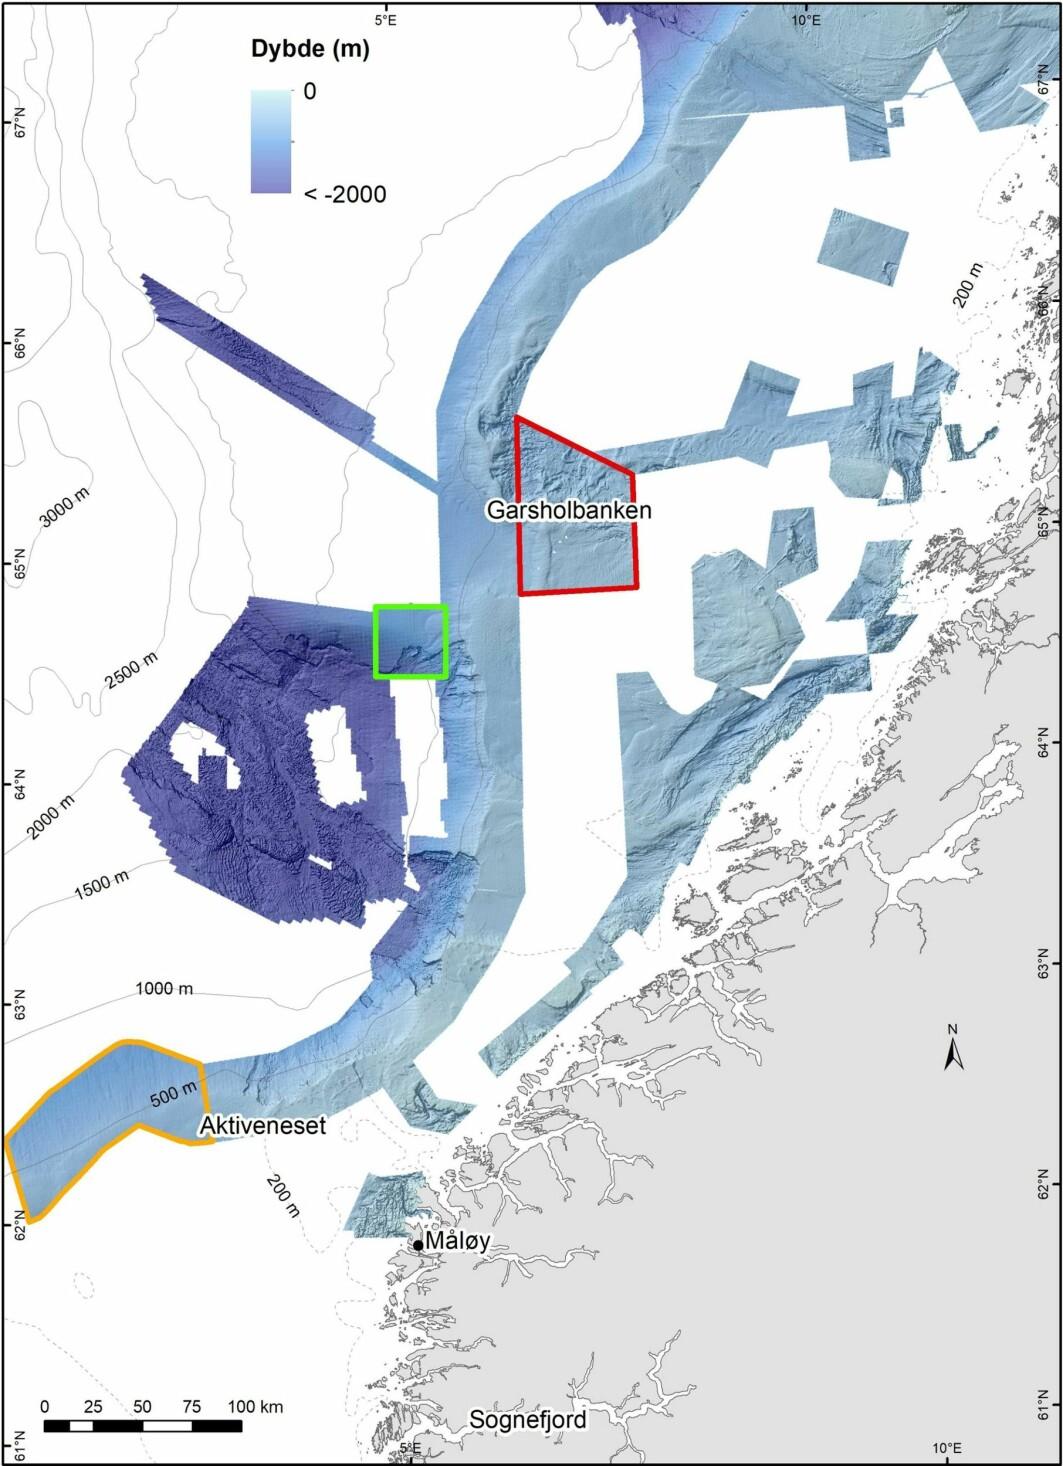 Kartet viser områder som skal undersøkes på dette toktet. Den grønne boksen er område med betegnelsen NH01-B01, et område i skråningen i nordlig del av Storegga. Havbunnsterrenget er farget i blåtoner og angir dyp. Slike detaljerte data er i stor grad fremskaffet ved Mareano sin dybdekartlegging. (Kart: Valerie Bellec, NGU)